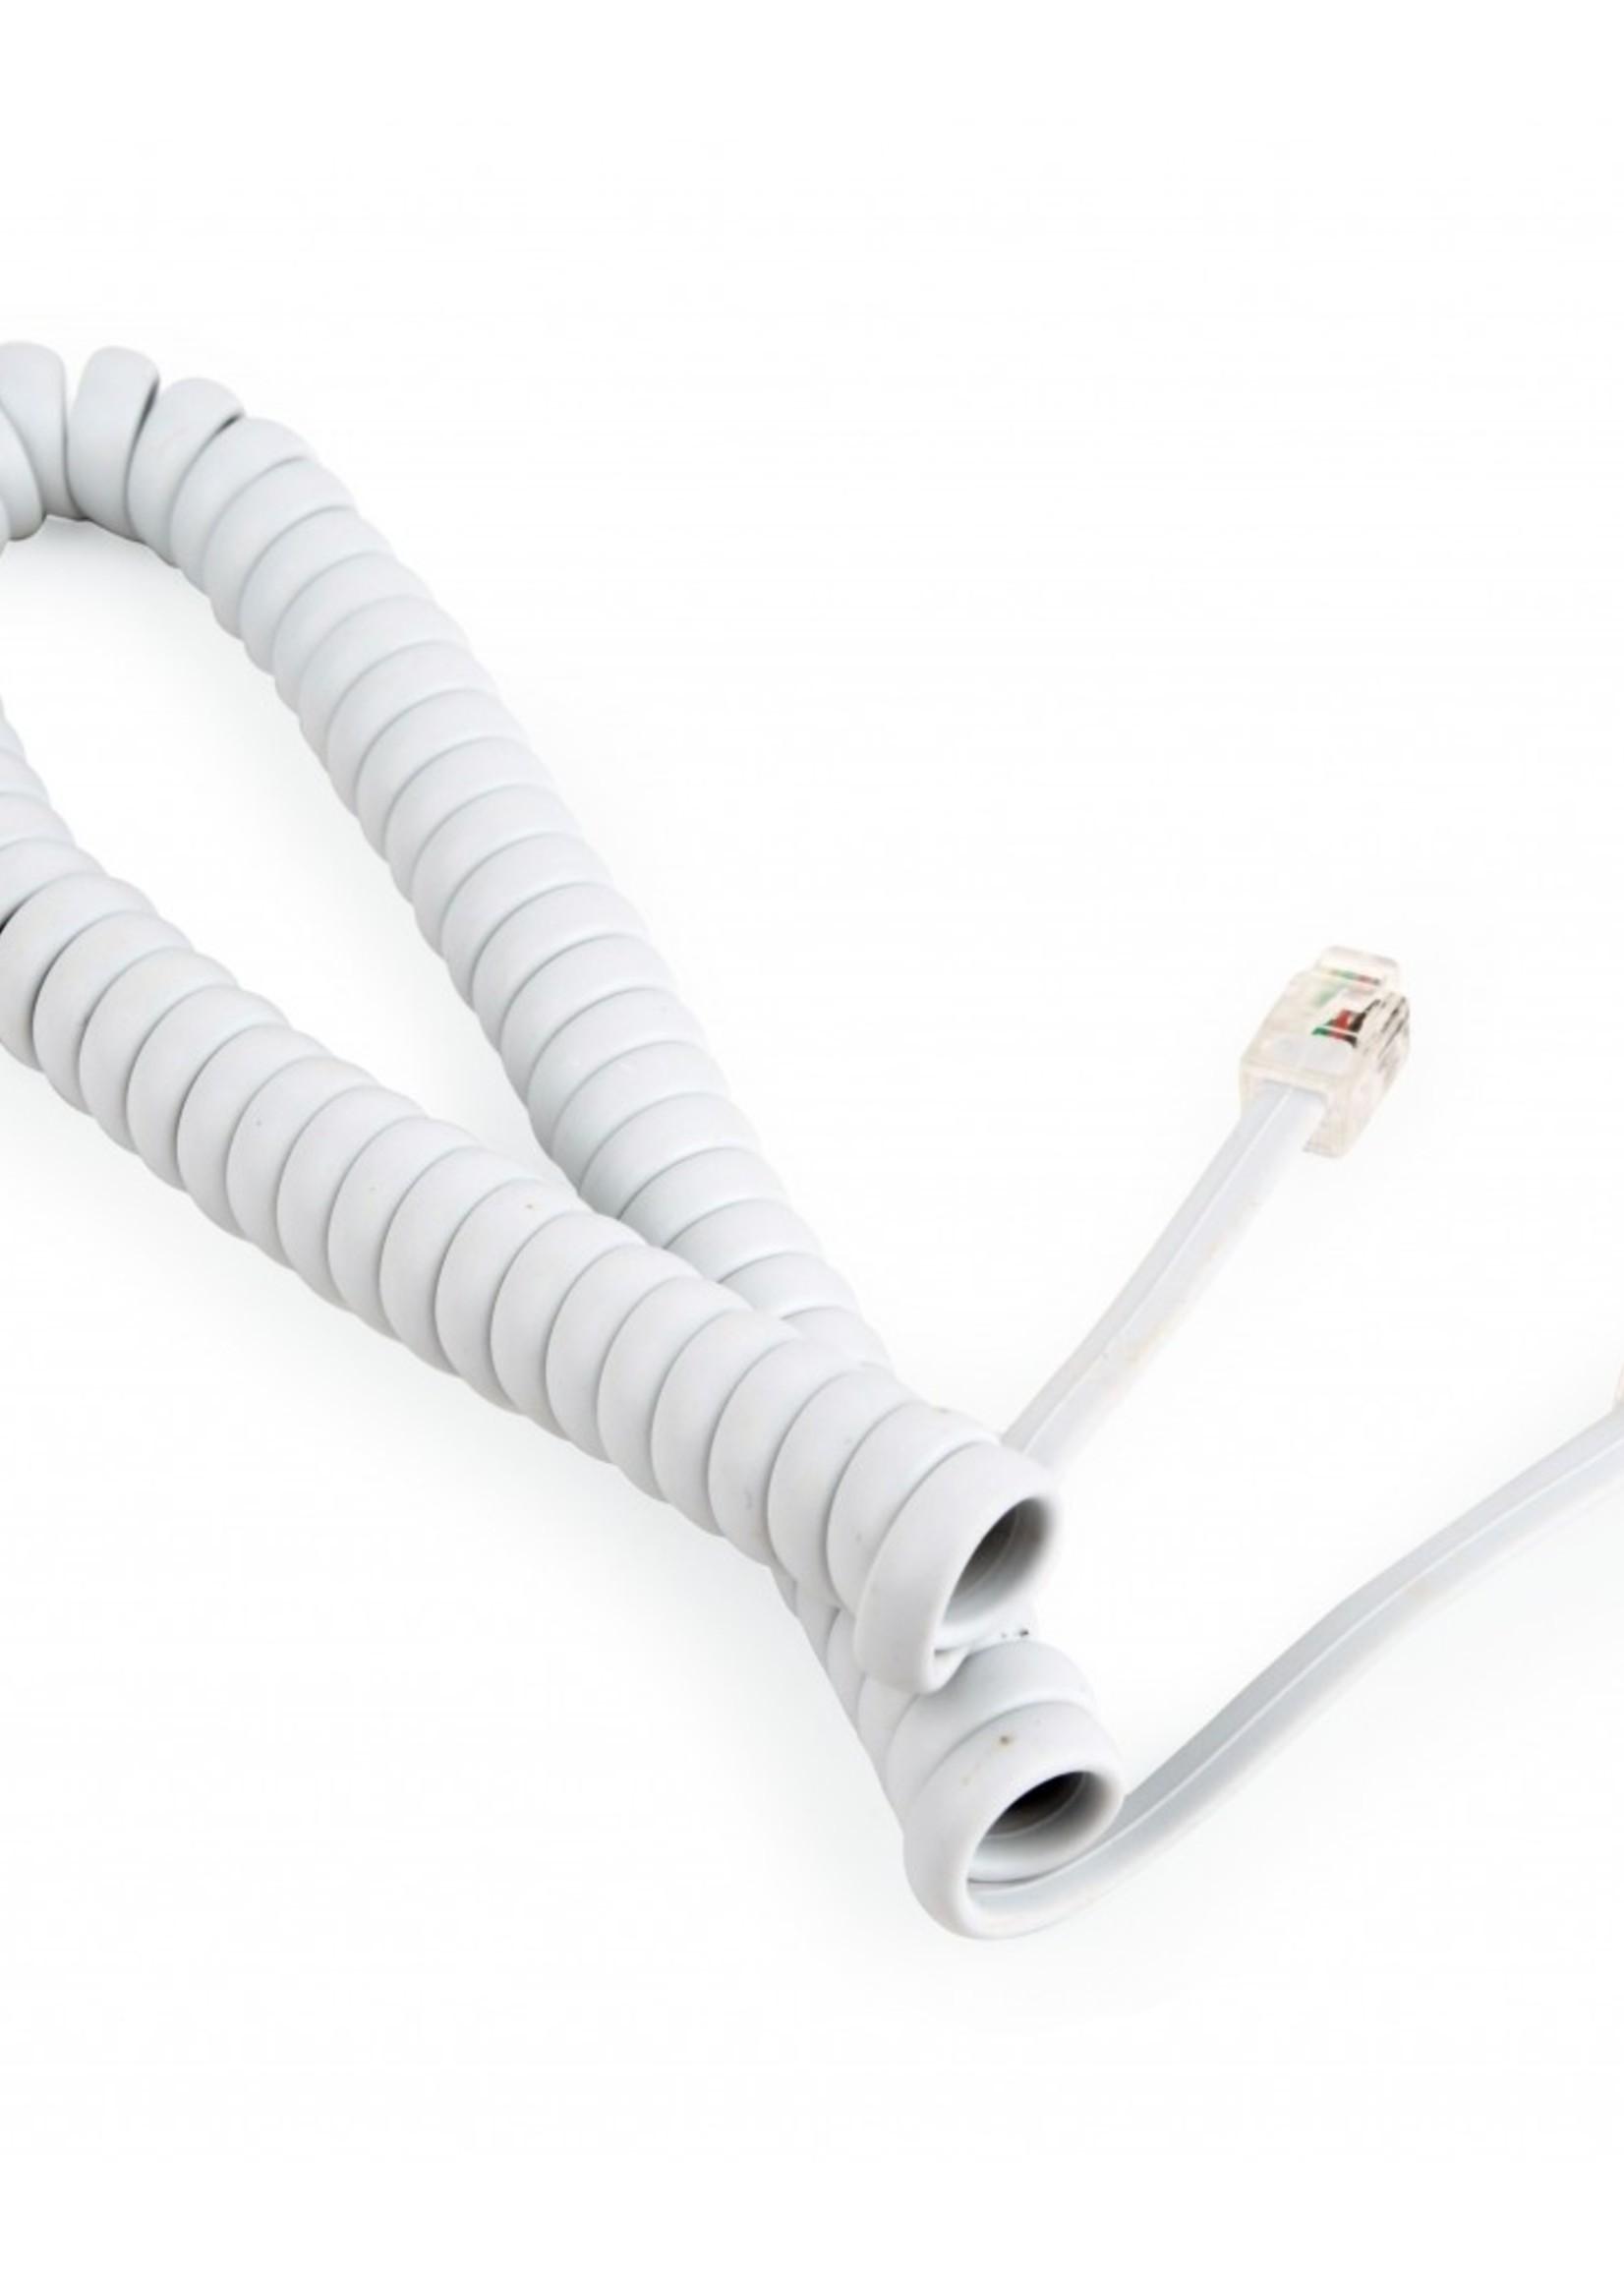 CableXpert Telefoon spiraalkabel 4P4C/RJ10 wit 2 meter